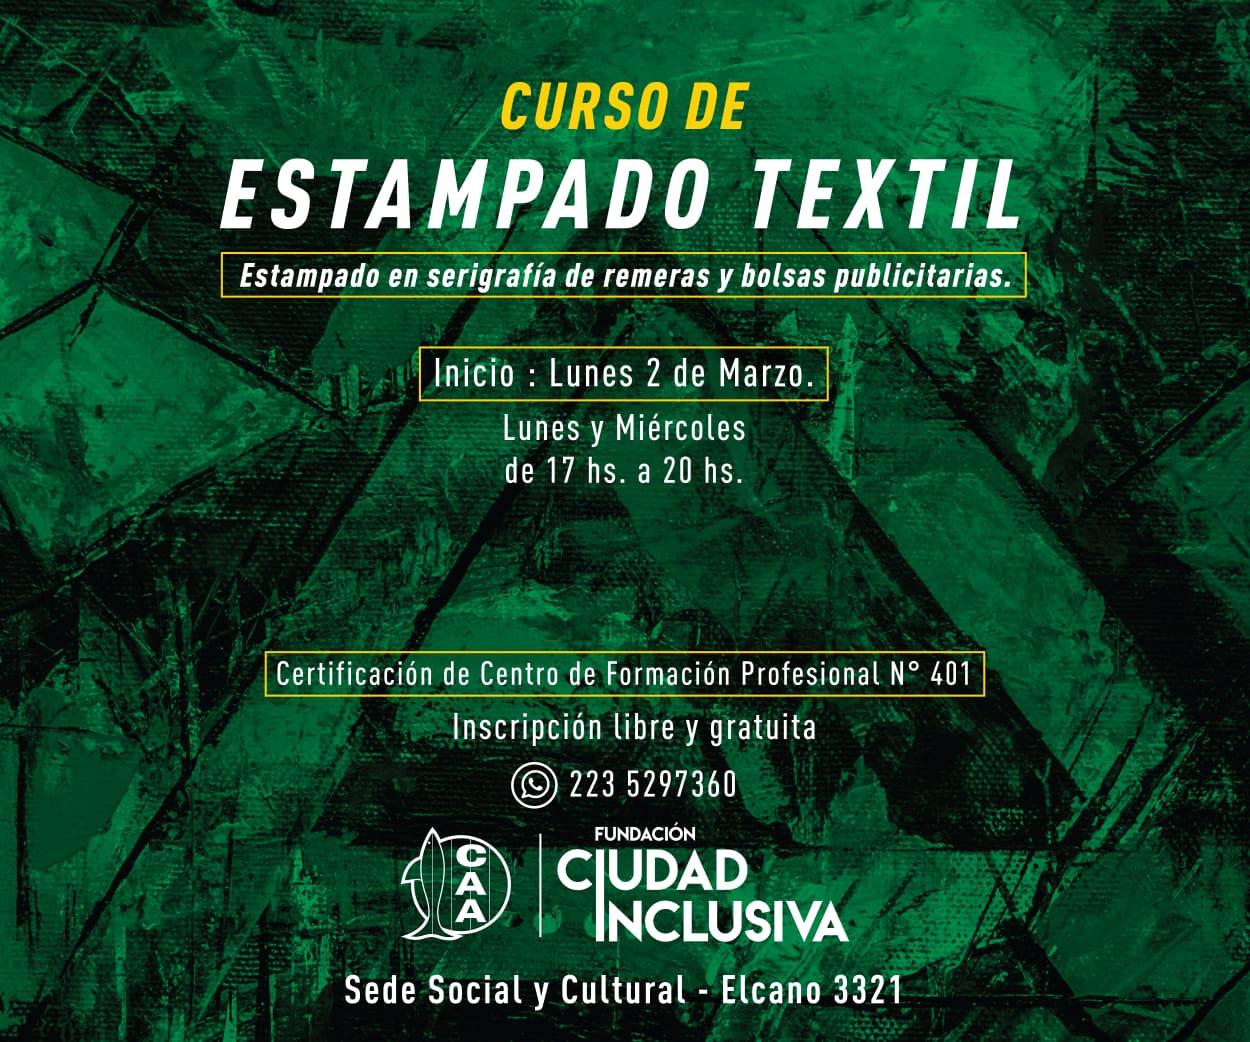 Comienza el curso de estampado textil